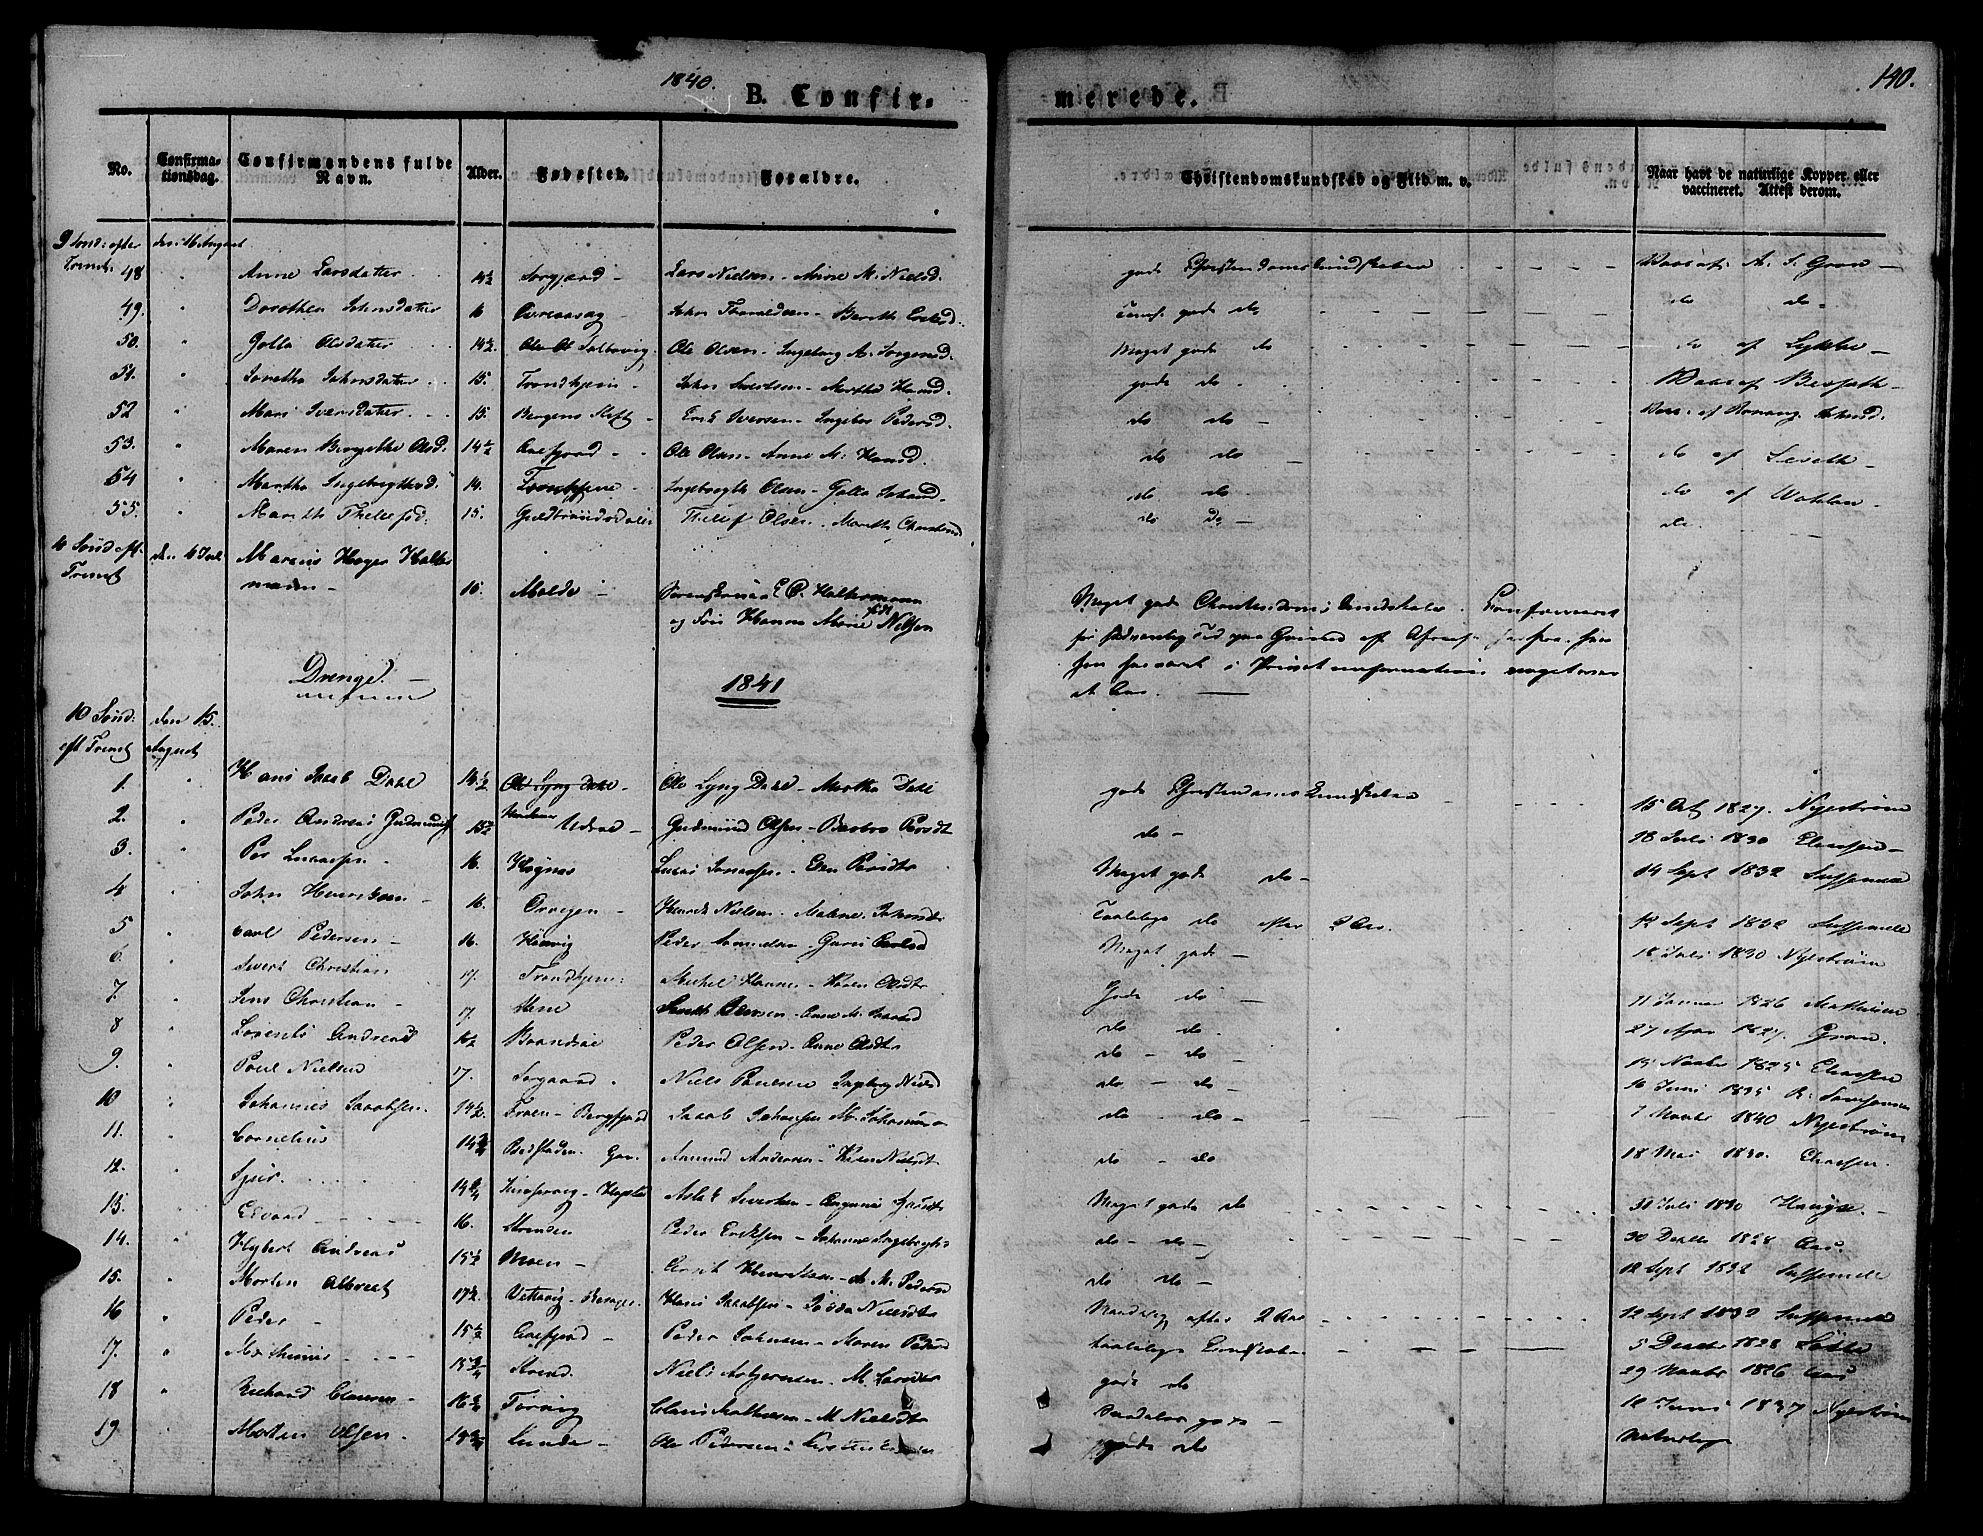 SAT, Ministerialprotokoller, klokkerbøker og fødselsregistre - Sør-Trøndelag, 657/L0703: Ministerialbok nr. 657A04, 1831-1846, s. 140